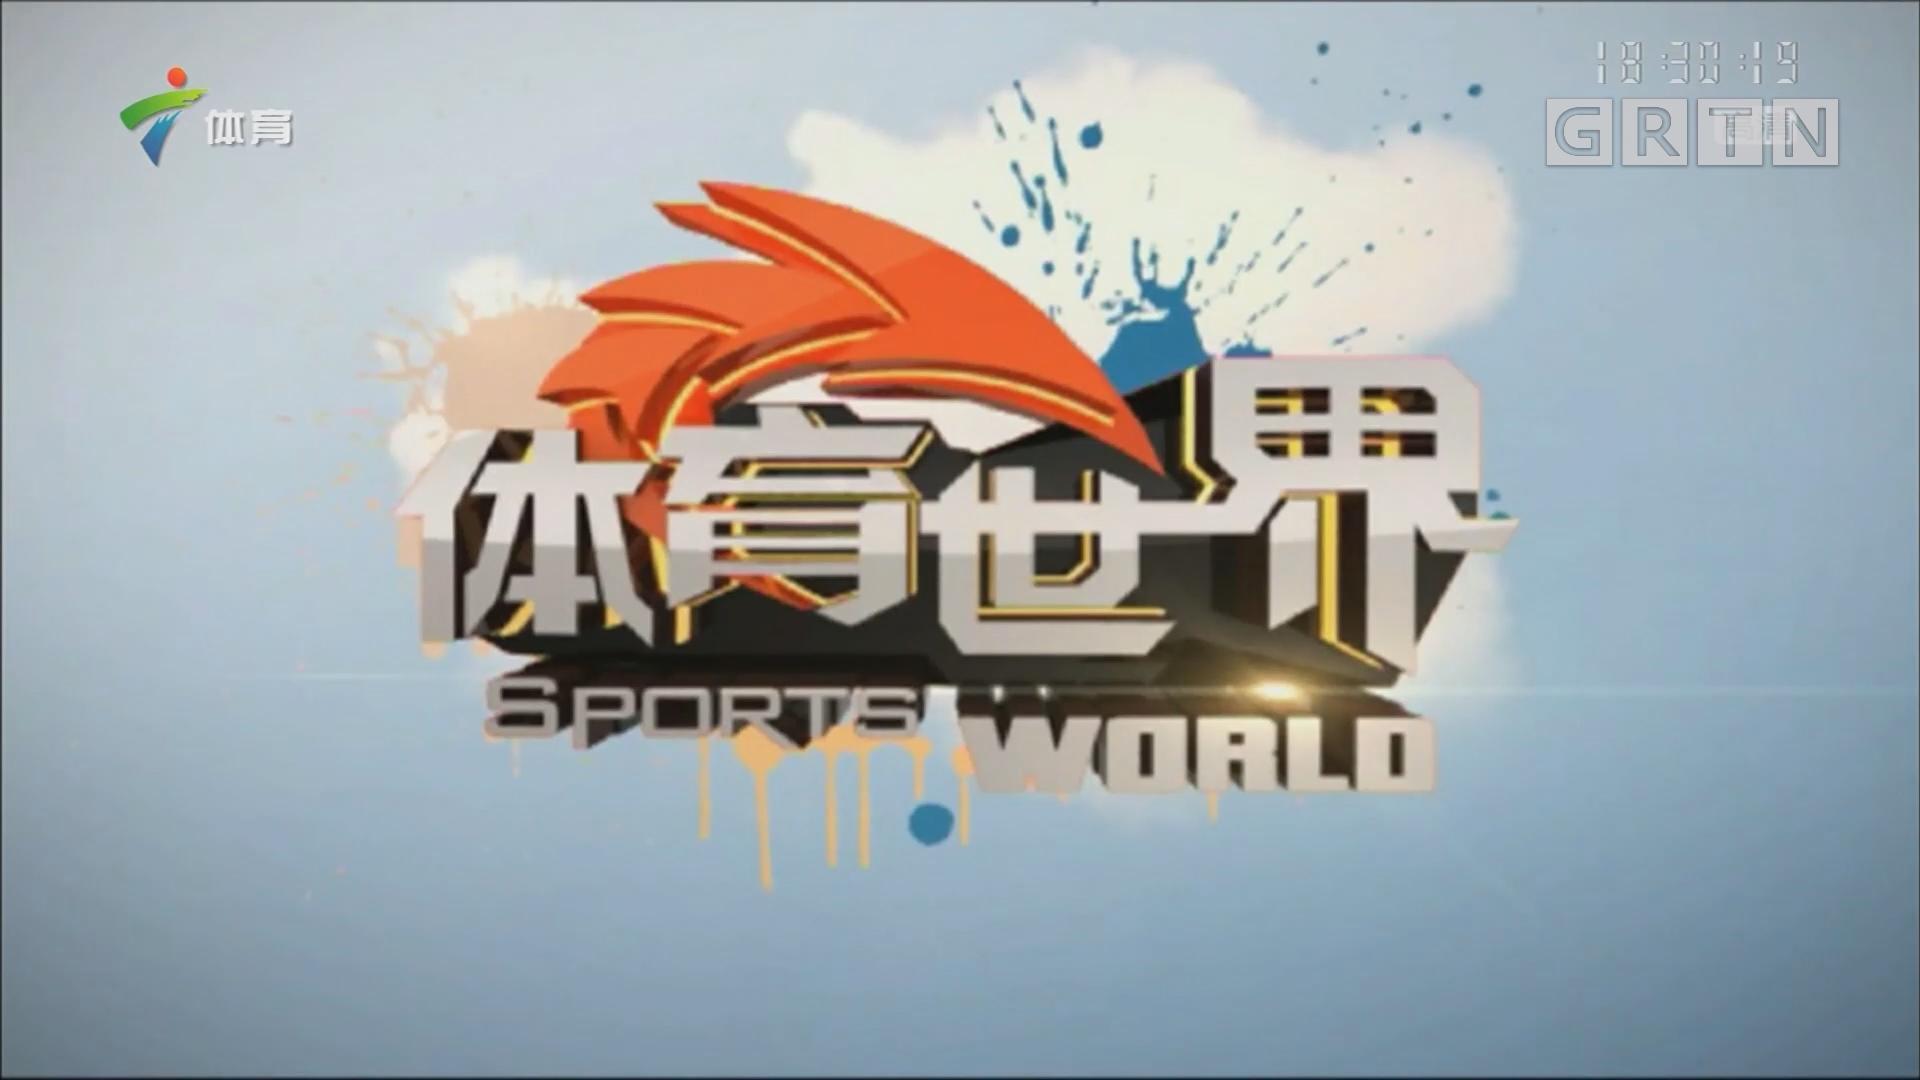 [HD][2017-08-13]体育世界:更专业 更精彩 联盟杯湛江赛区即将开赛